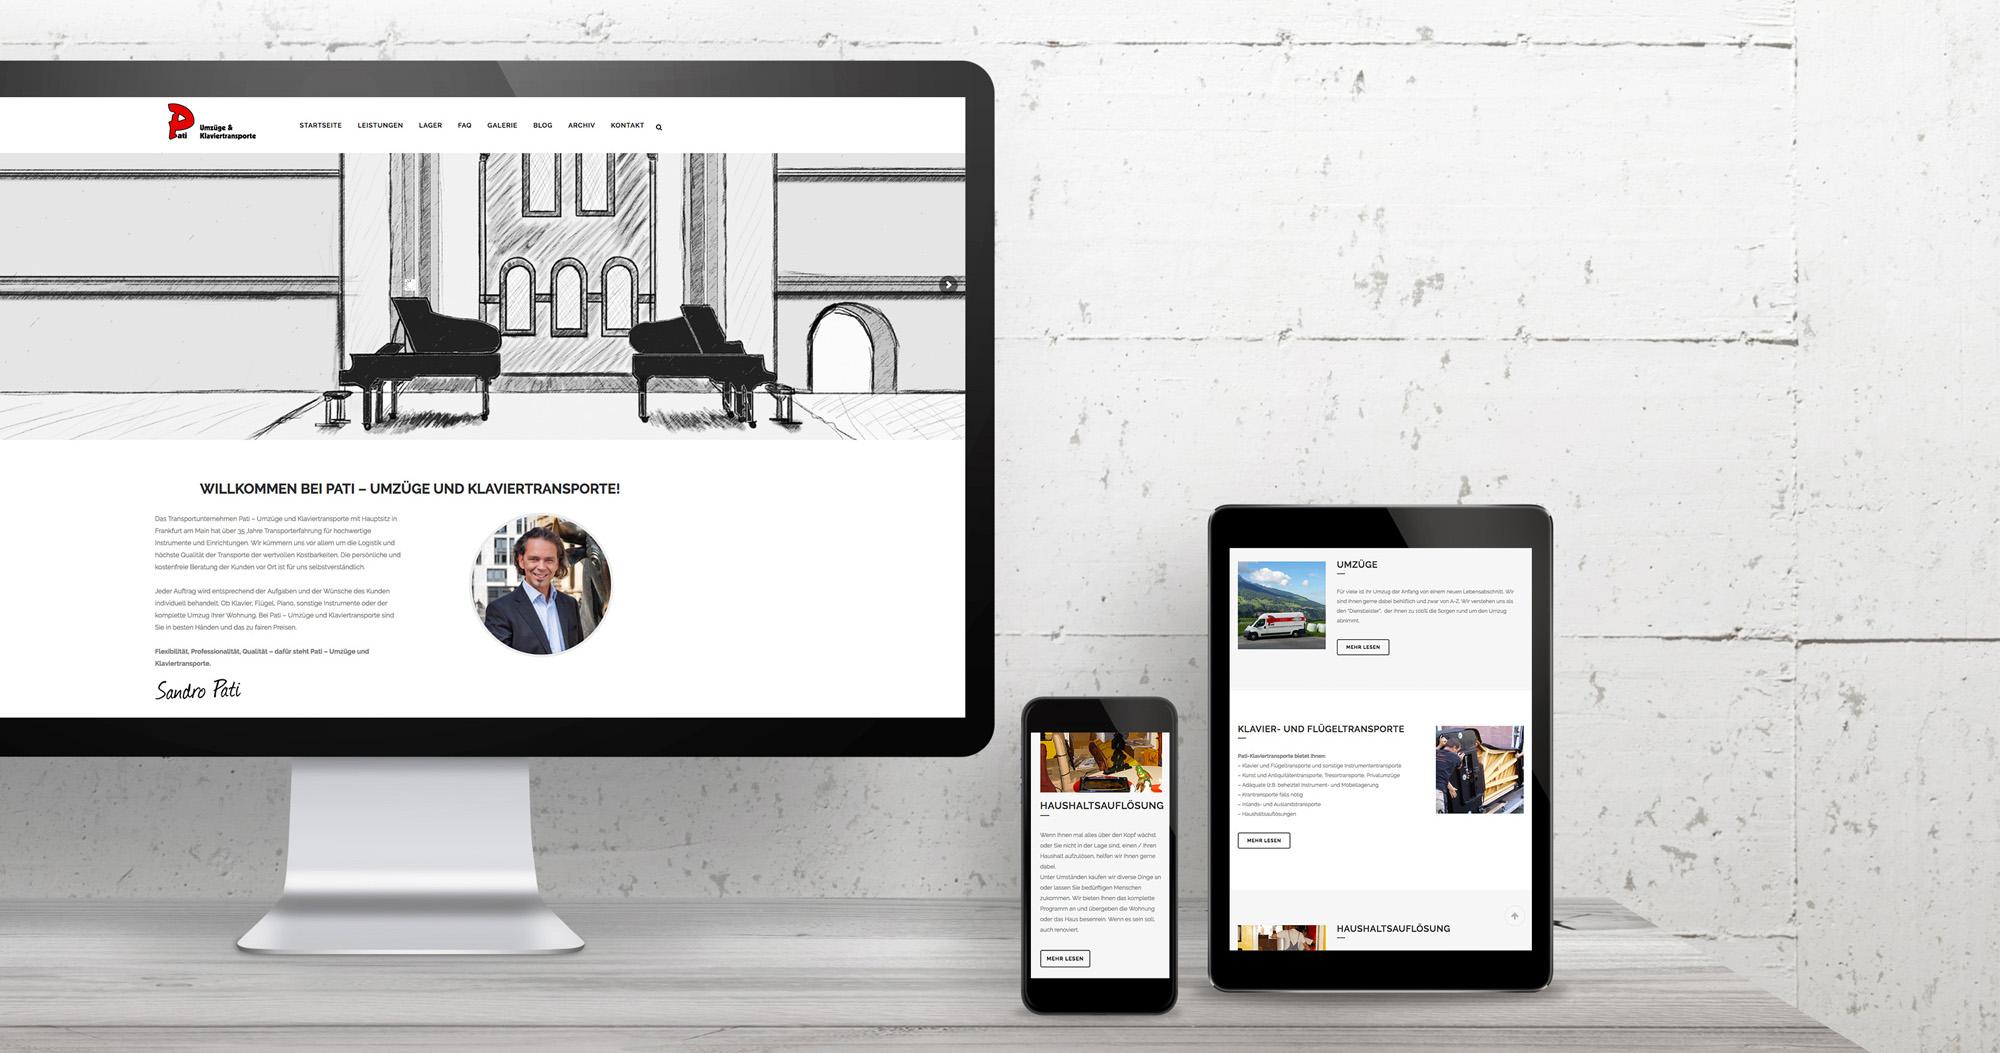 Piano Pati Internetseite